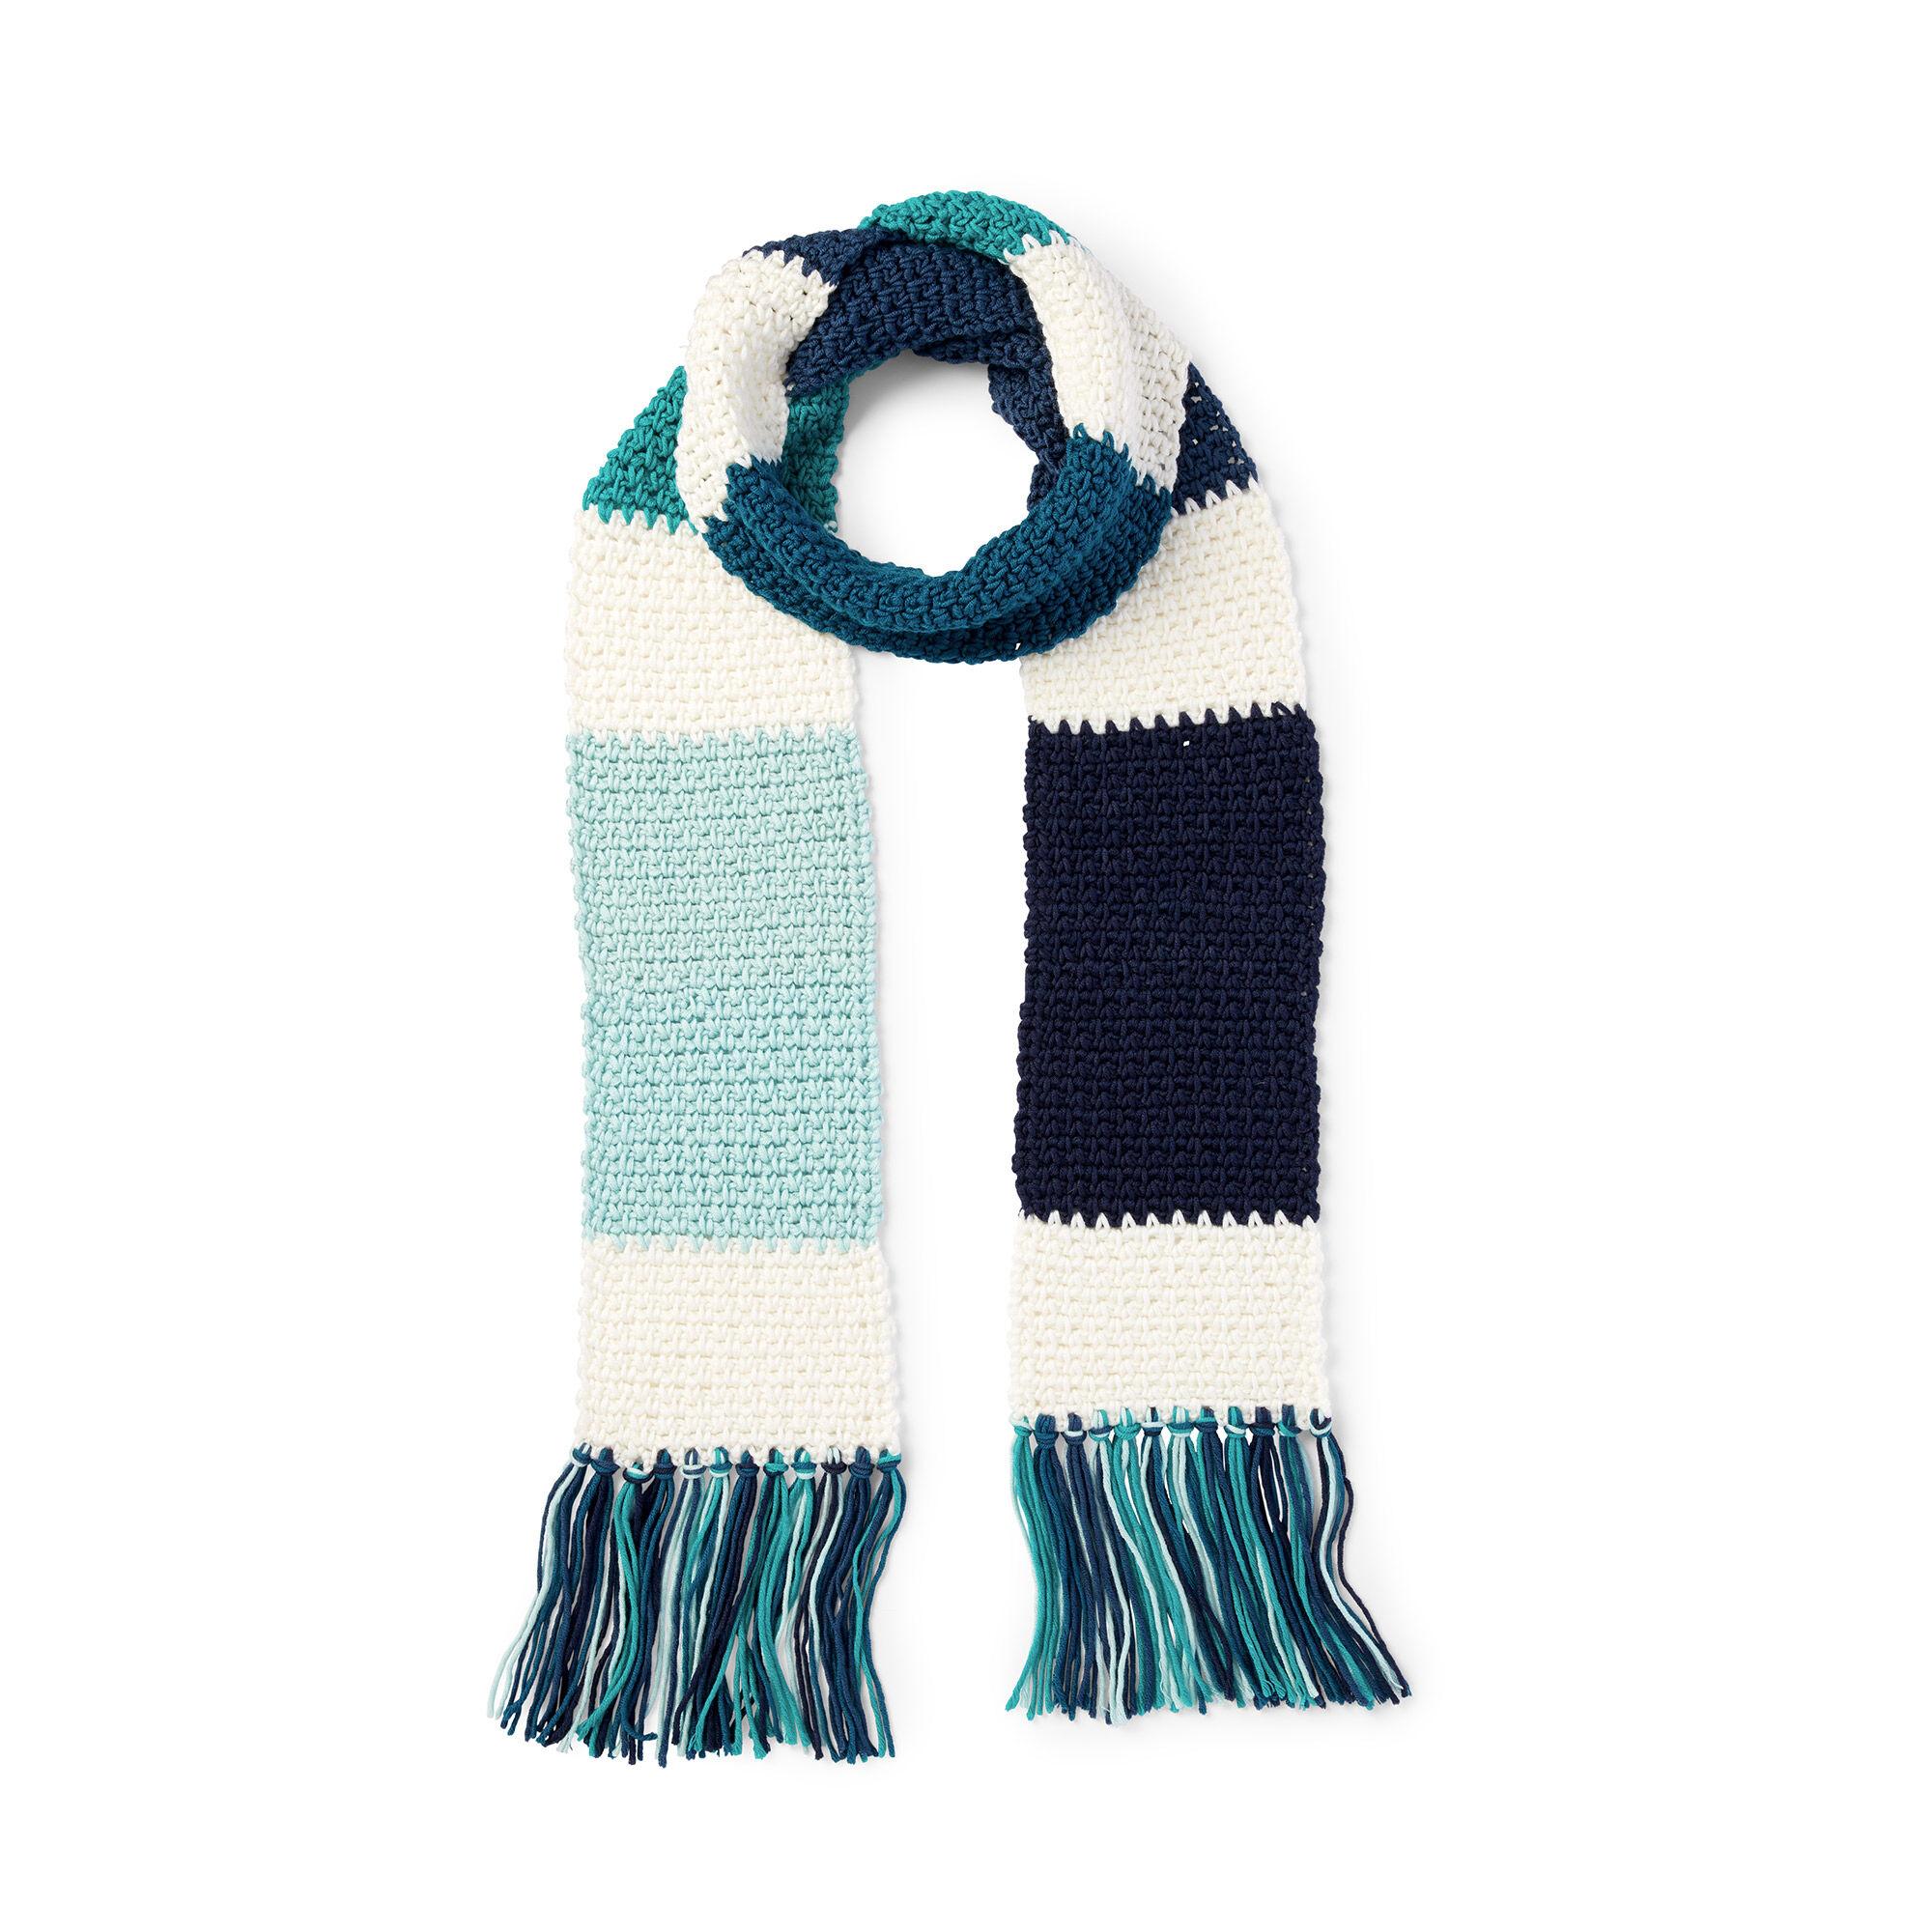 Caron X Pantone Crochet Patterns